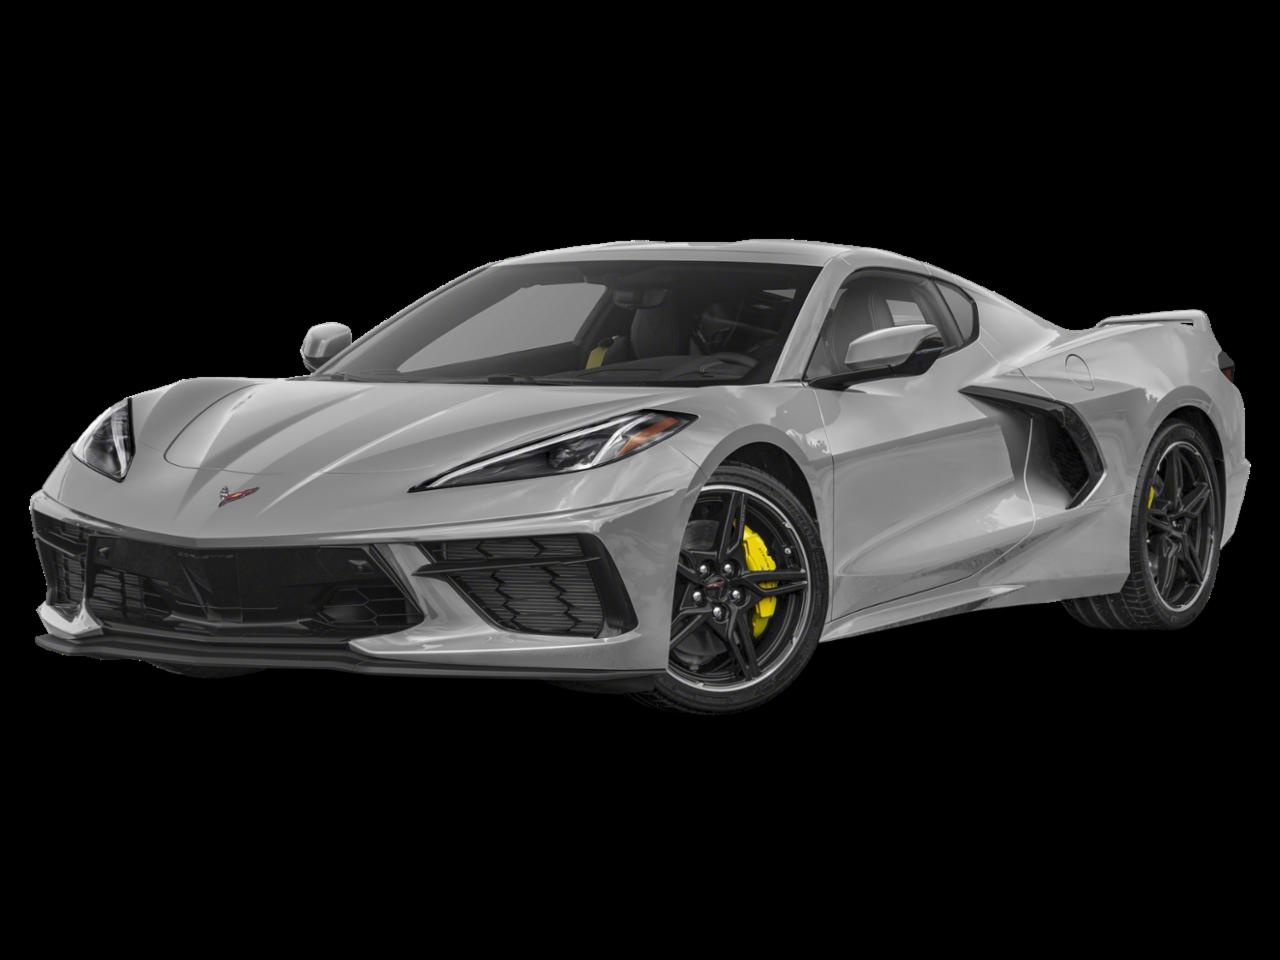 Chevrolet 2021 Corvette 1LT